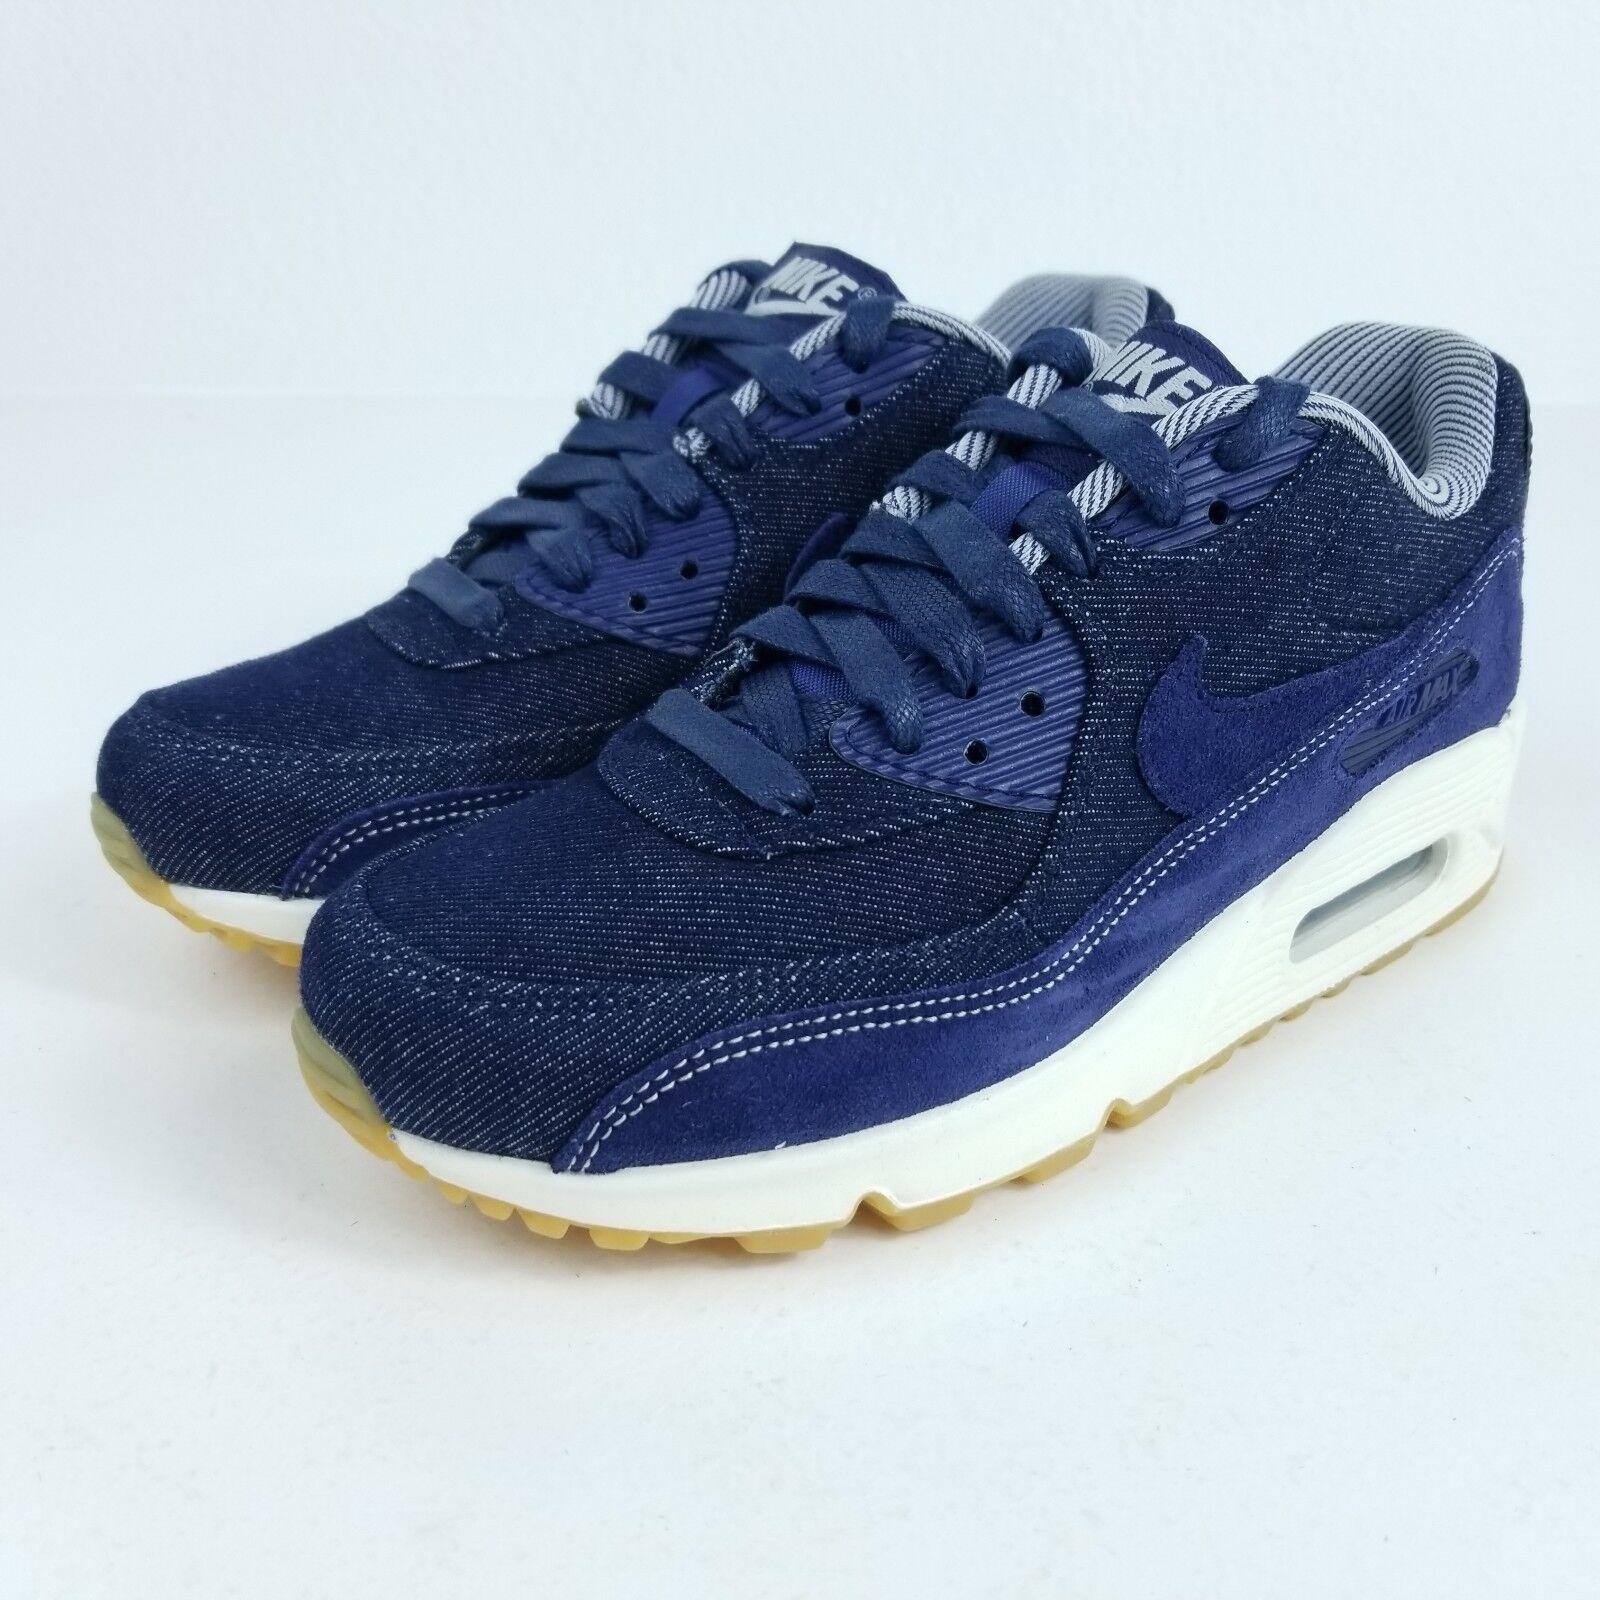 NIKE Air Max 90 SE Womens Sz 7 Shoes Denim Blue White Gum